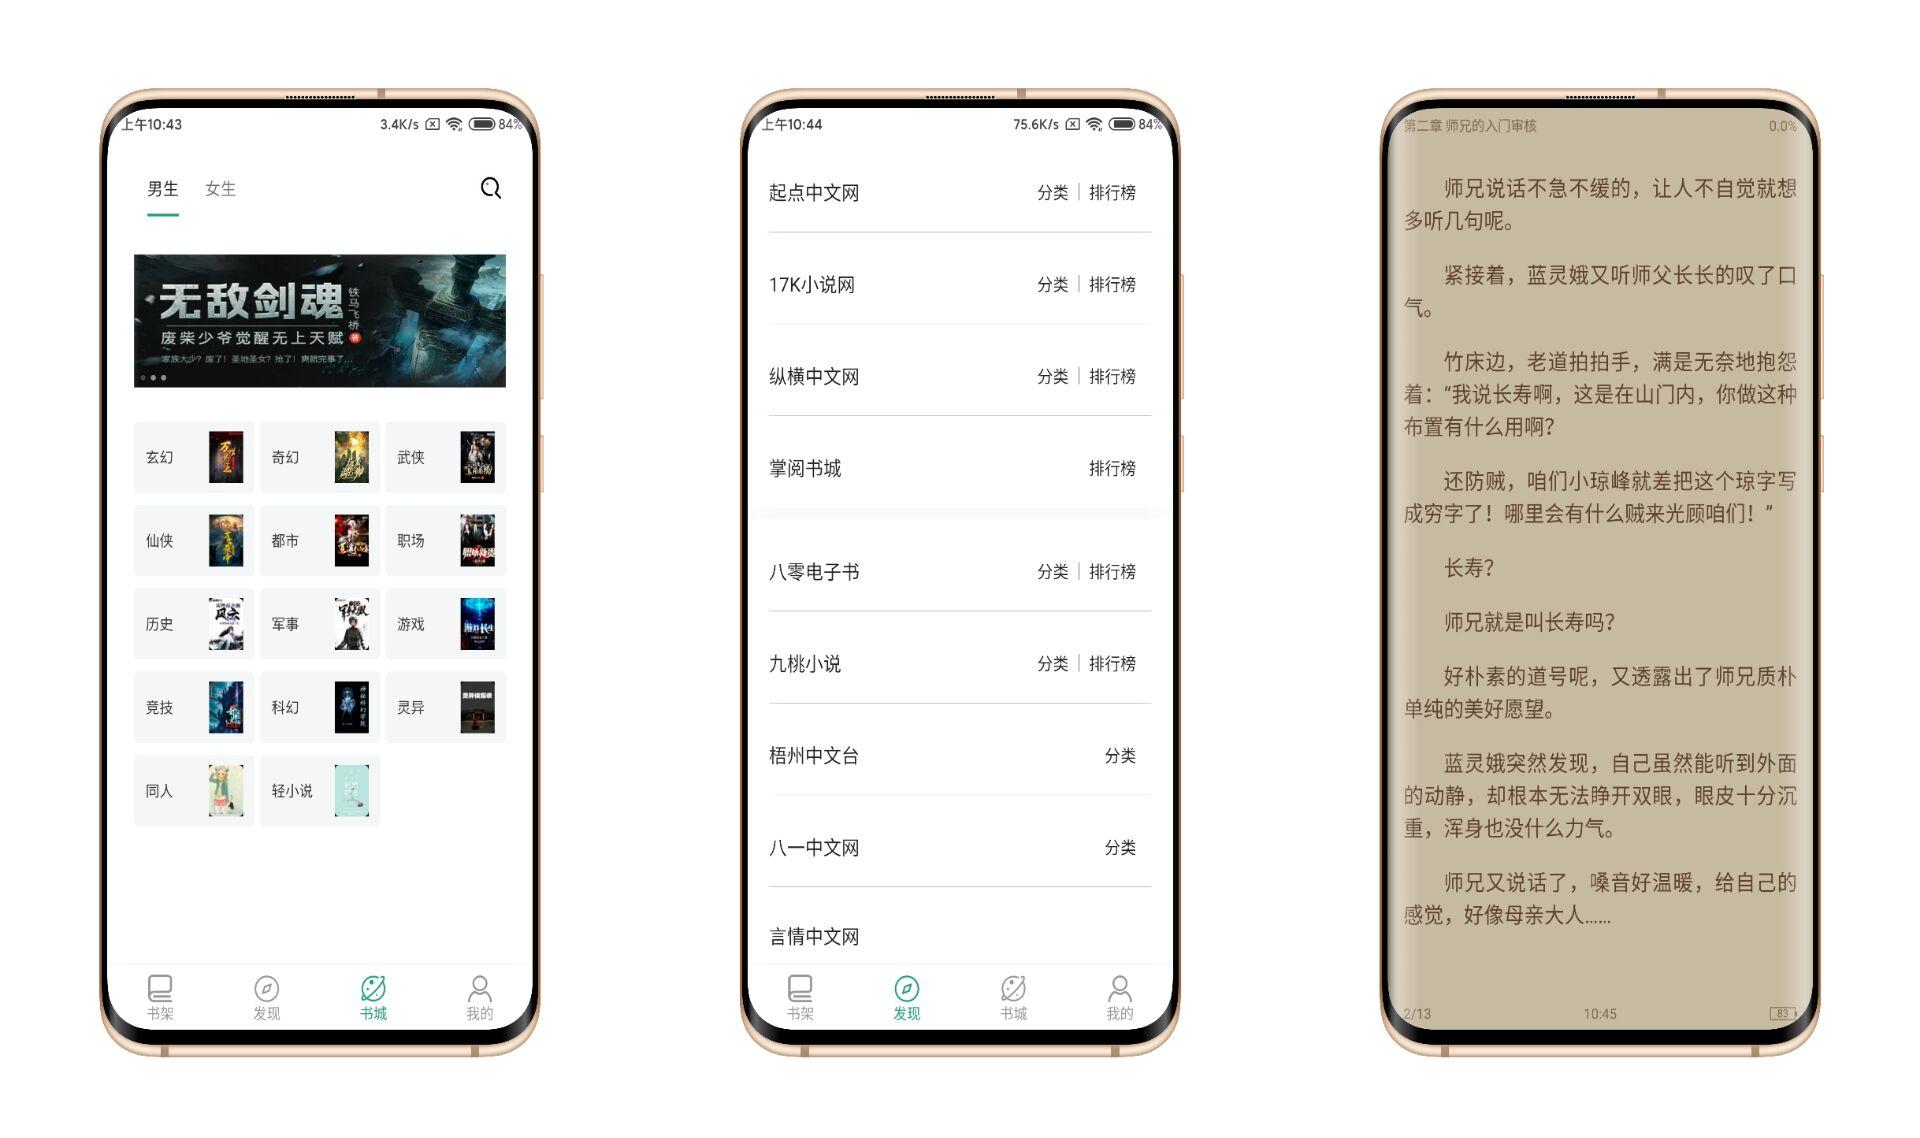 熊猫搜书V1.1.2去广告版